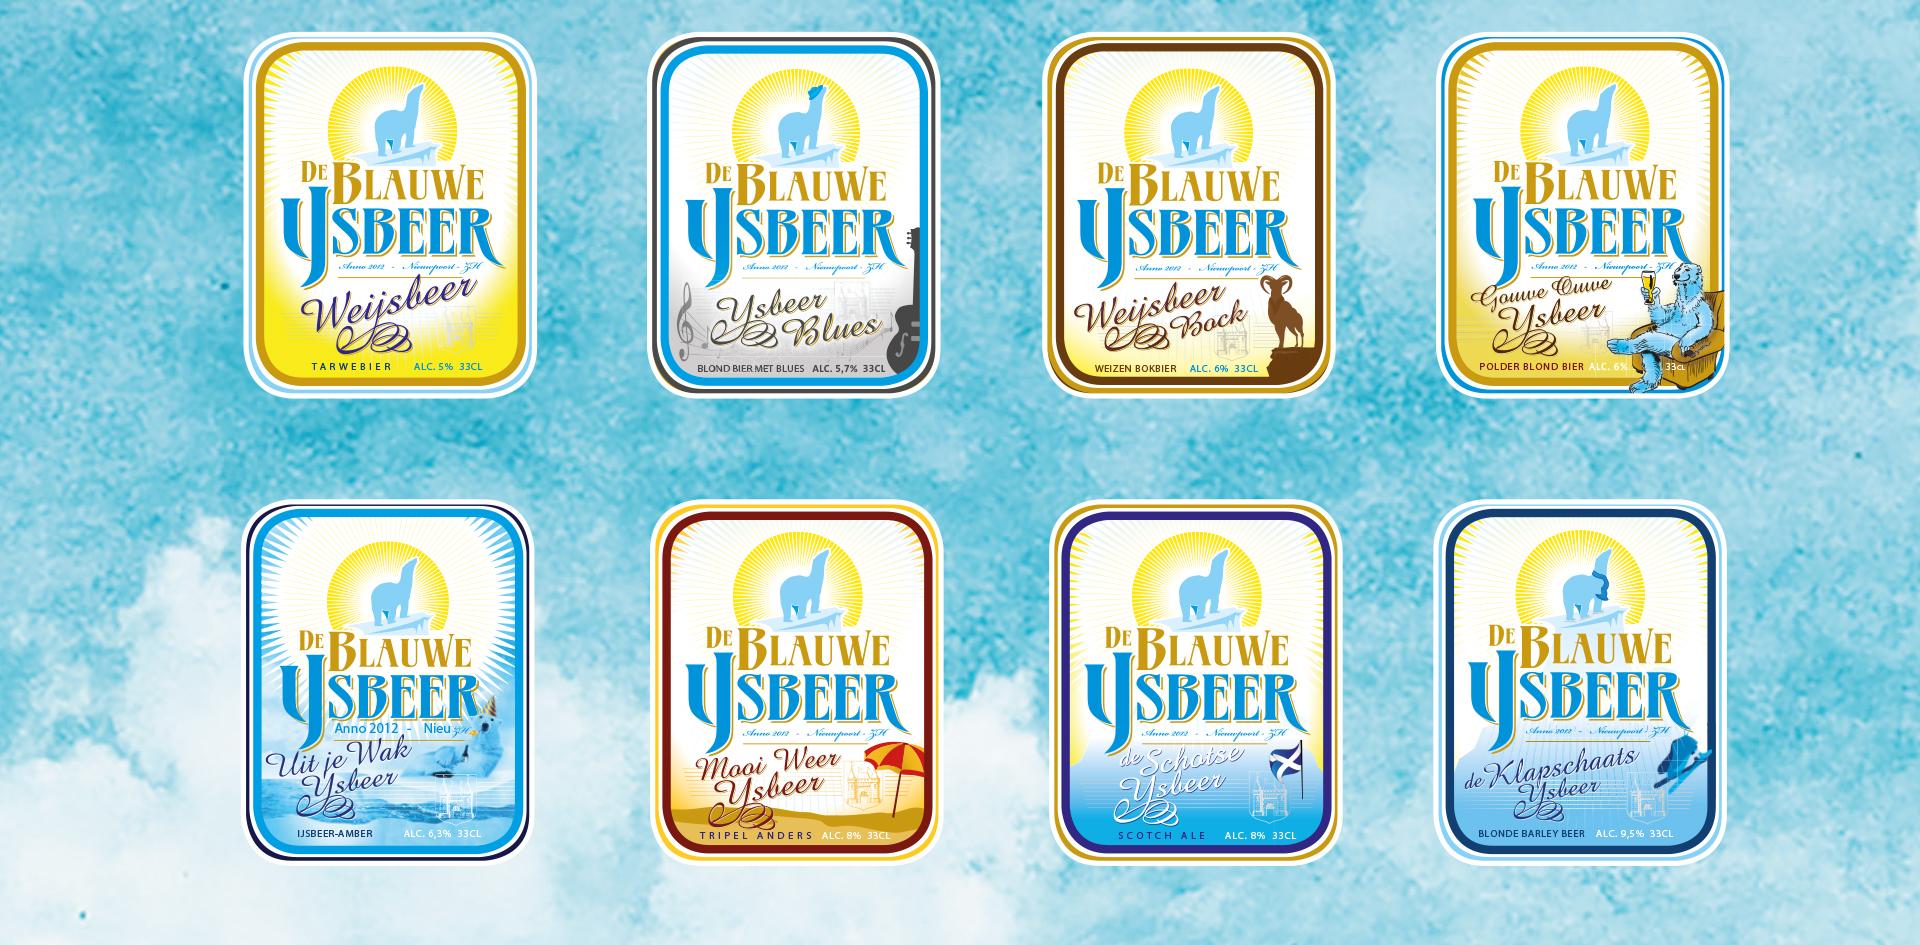 nectar-utrecht-pils-bier-brouwerij-nederland-nieuwpoort-deblauweijsbeer-assortiment